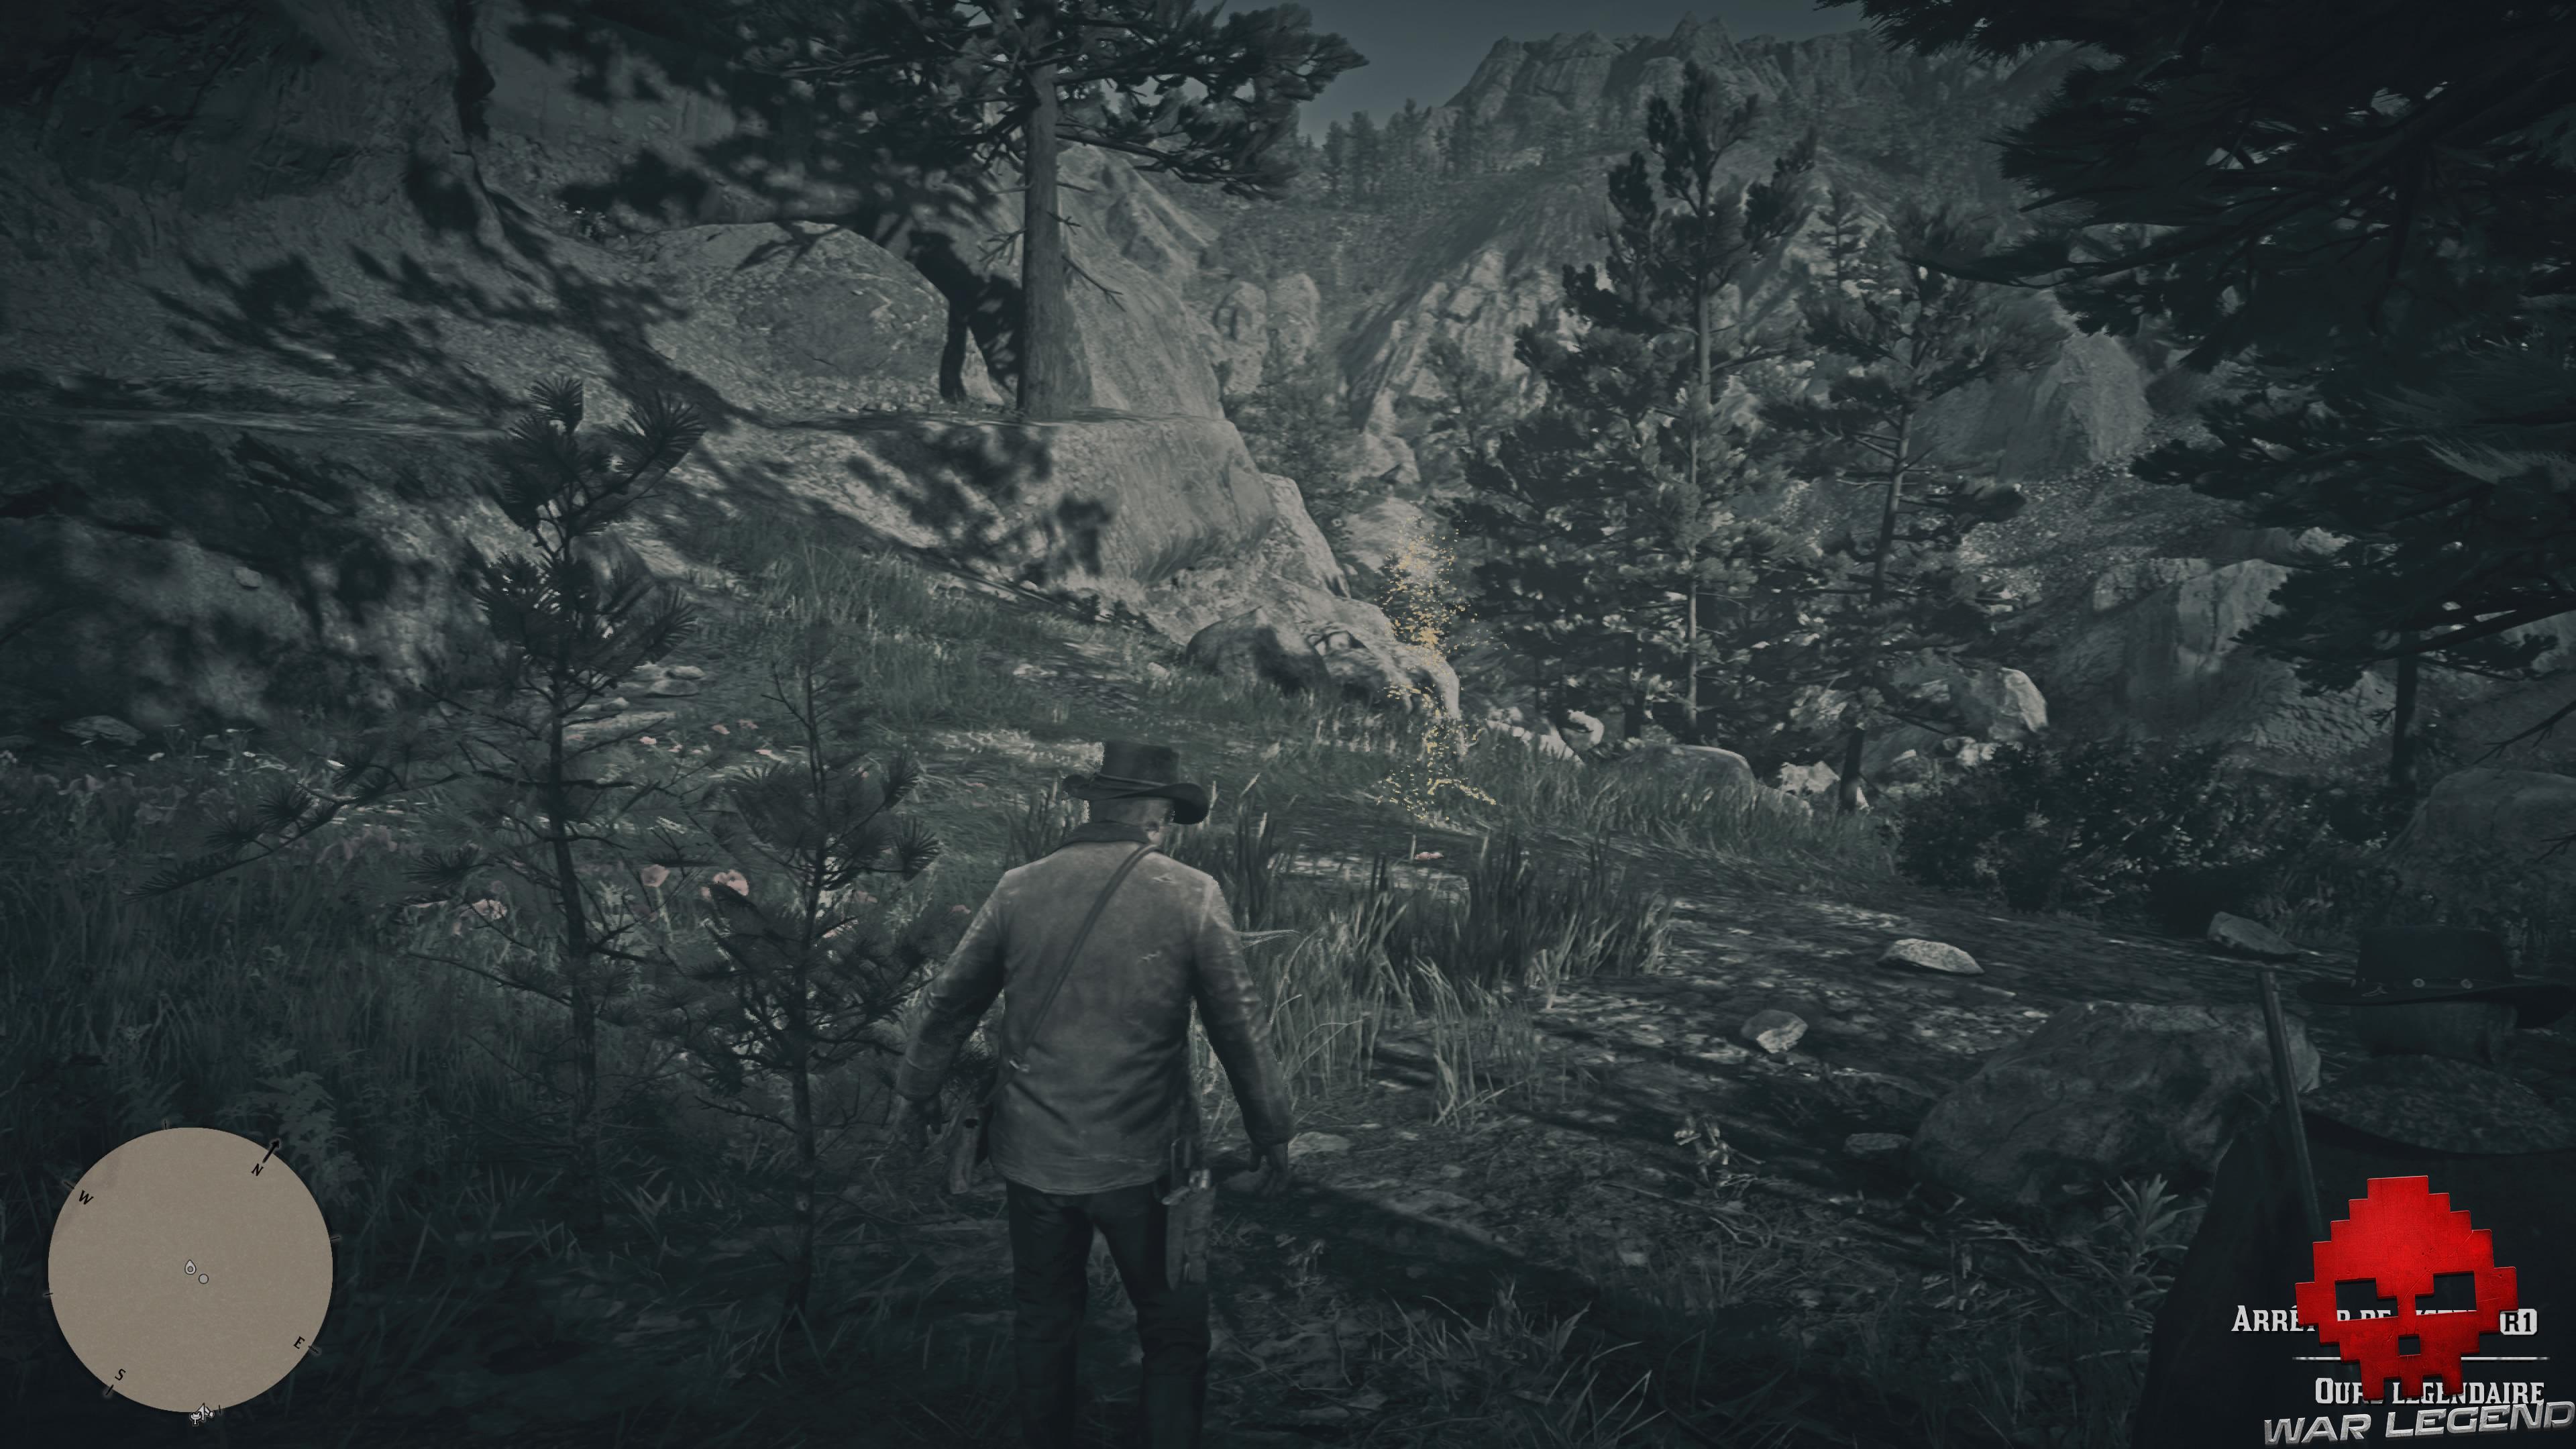 soluce red dead redemption 2 une blessure d'amour-propre indice ours dans les bois